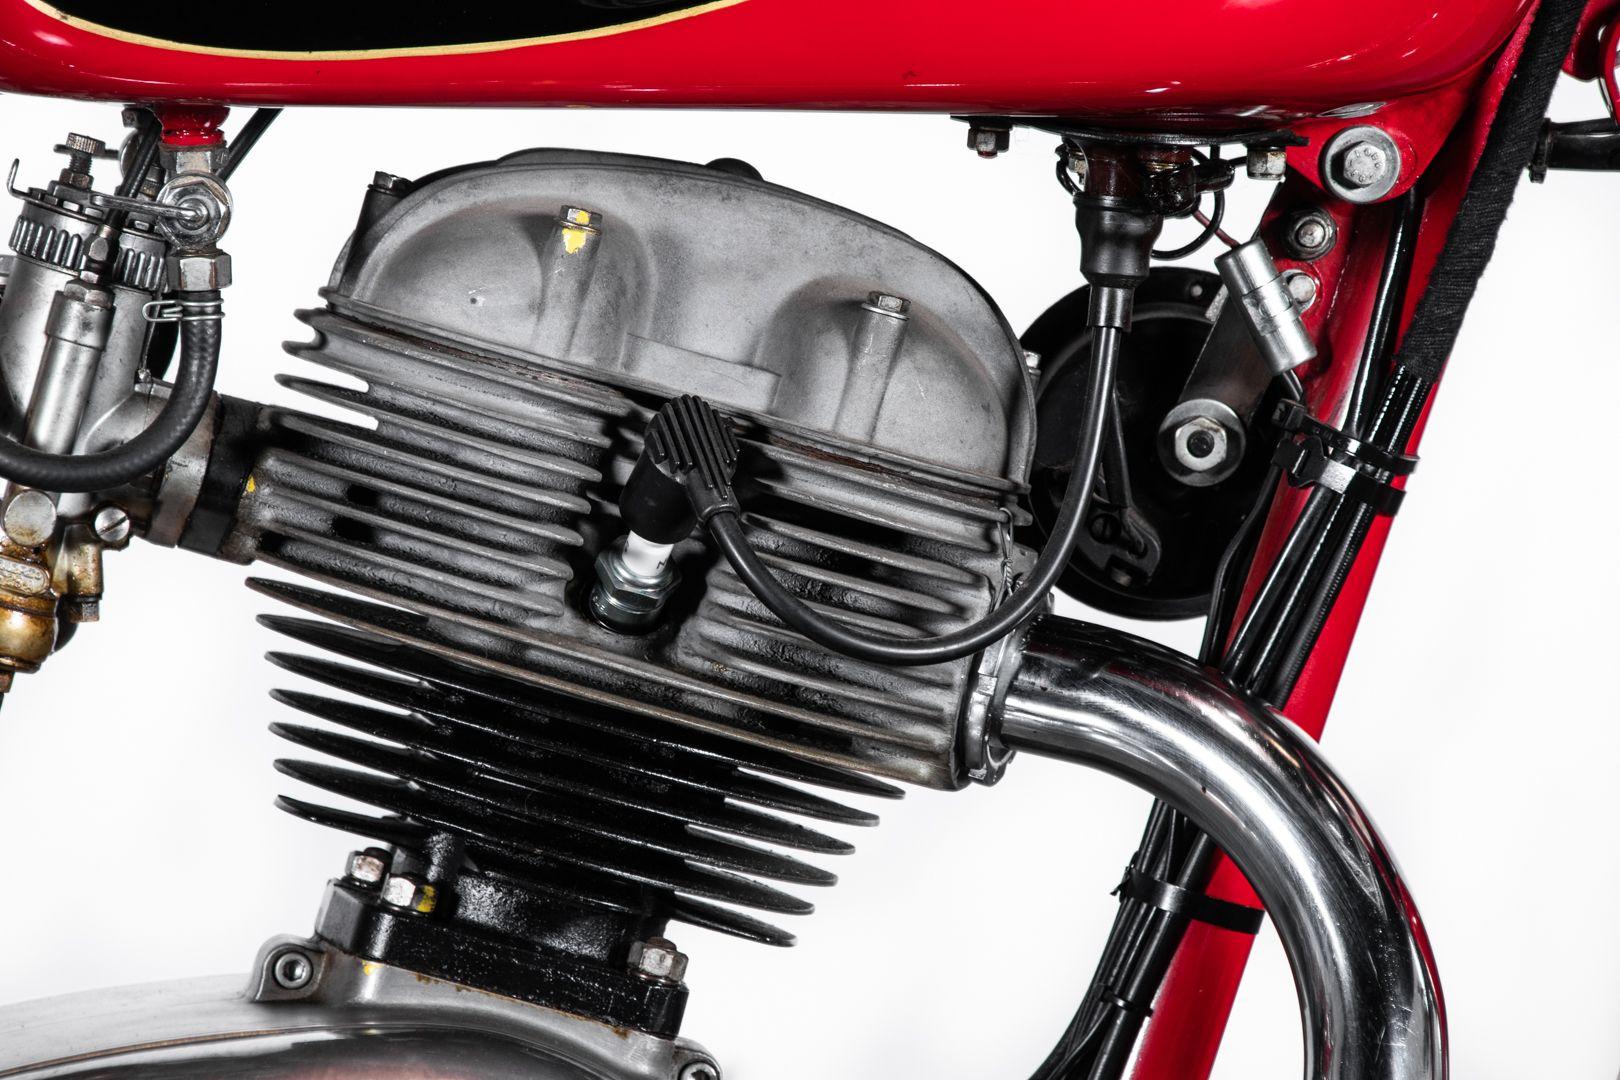 1955 Moto Morini Settebello Molle Cilindriche 175 78570